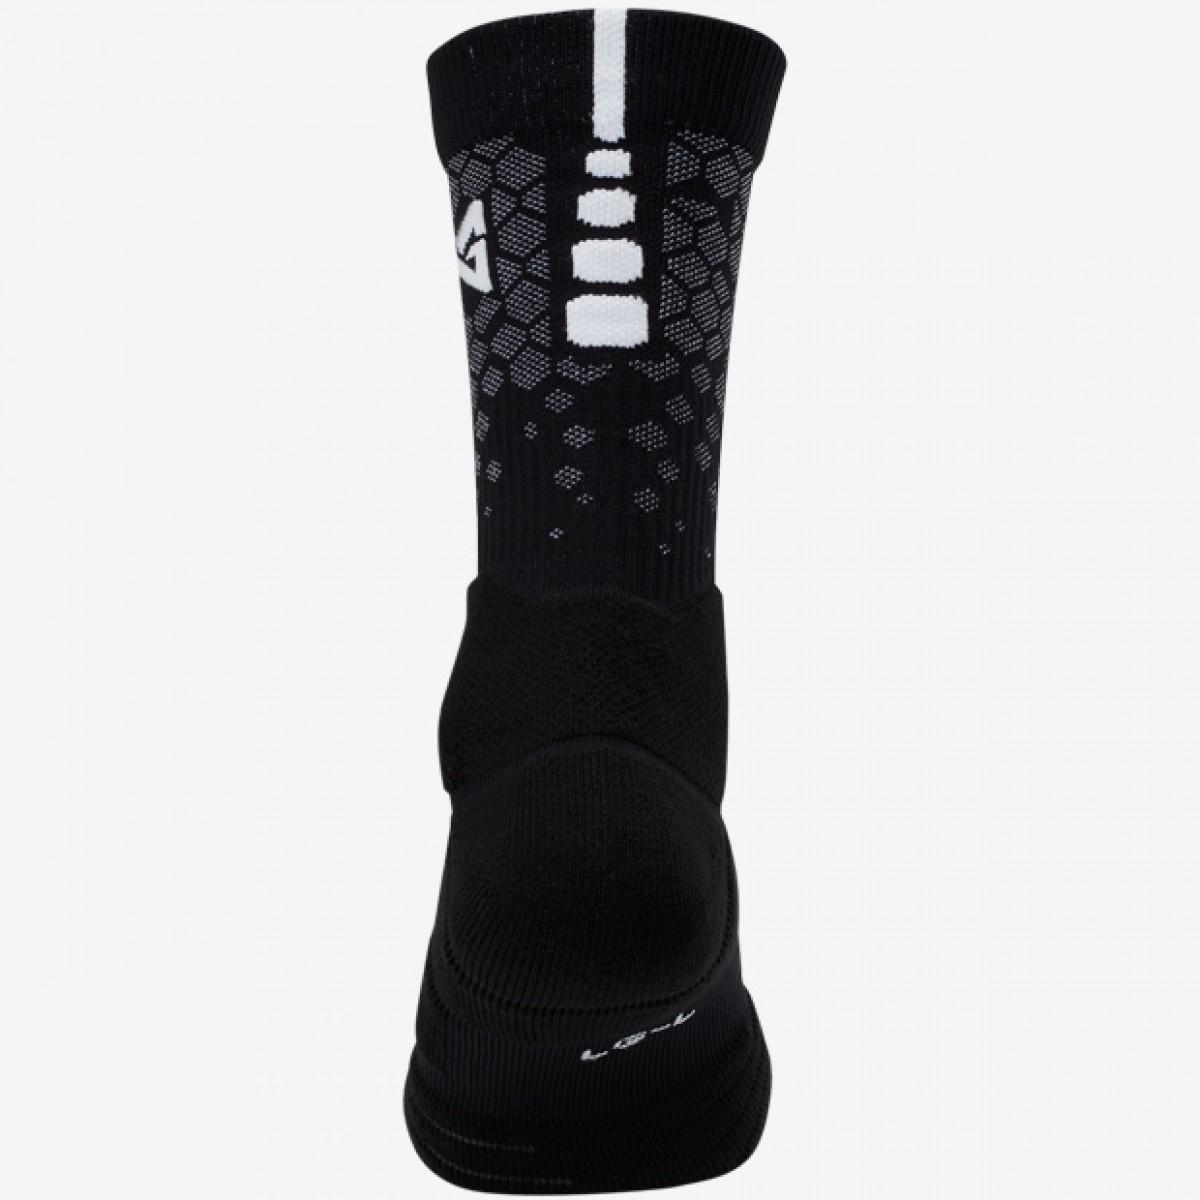 Nike Elite Quick PG 'Black' SX6327-010